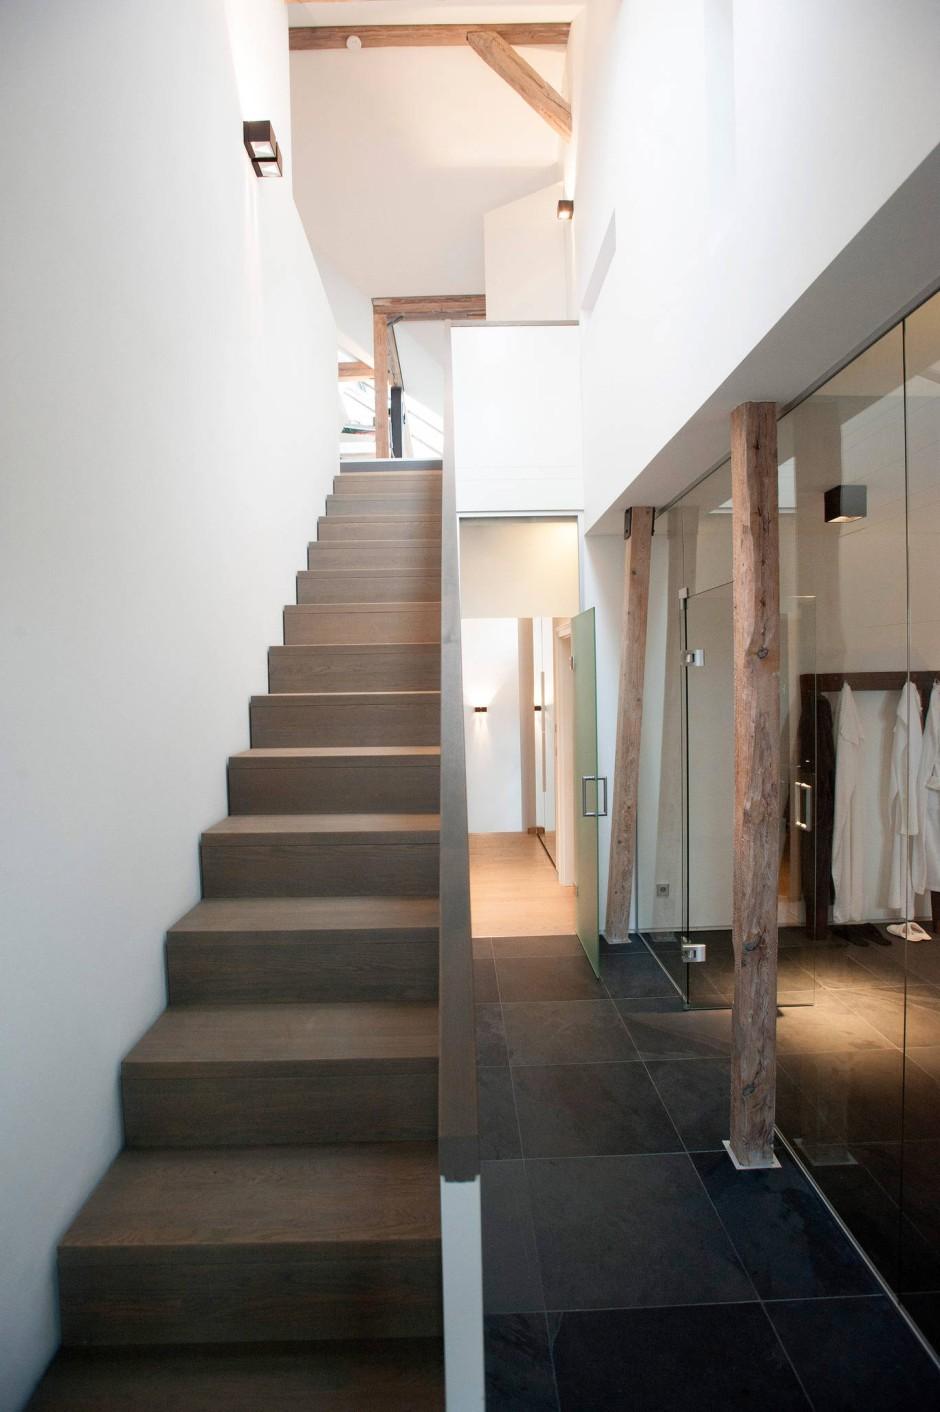 bildergalerie bildgalerie unterm dach von der butze zum loft bild 13 von 15 faz. Black Bedroom Furniture Sets. Home Design Ideas